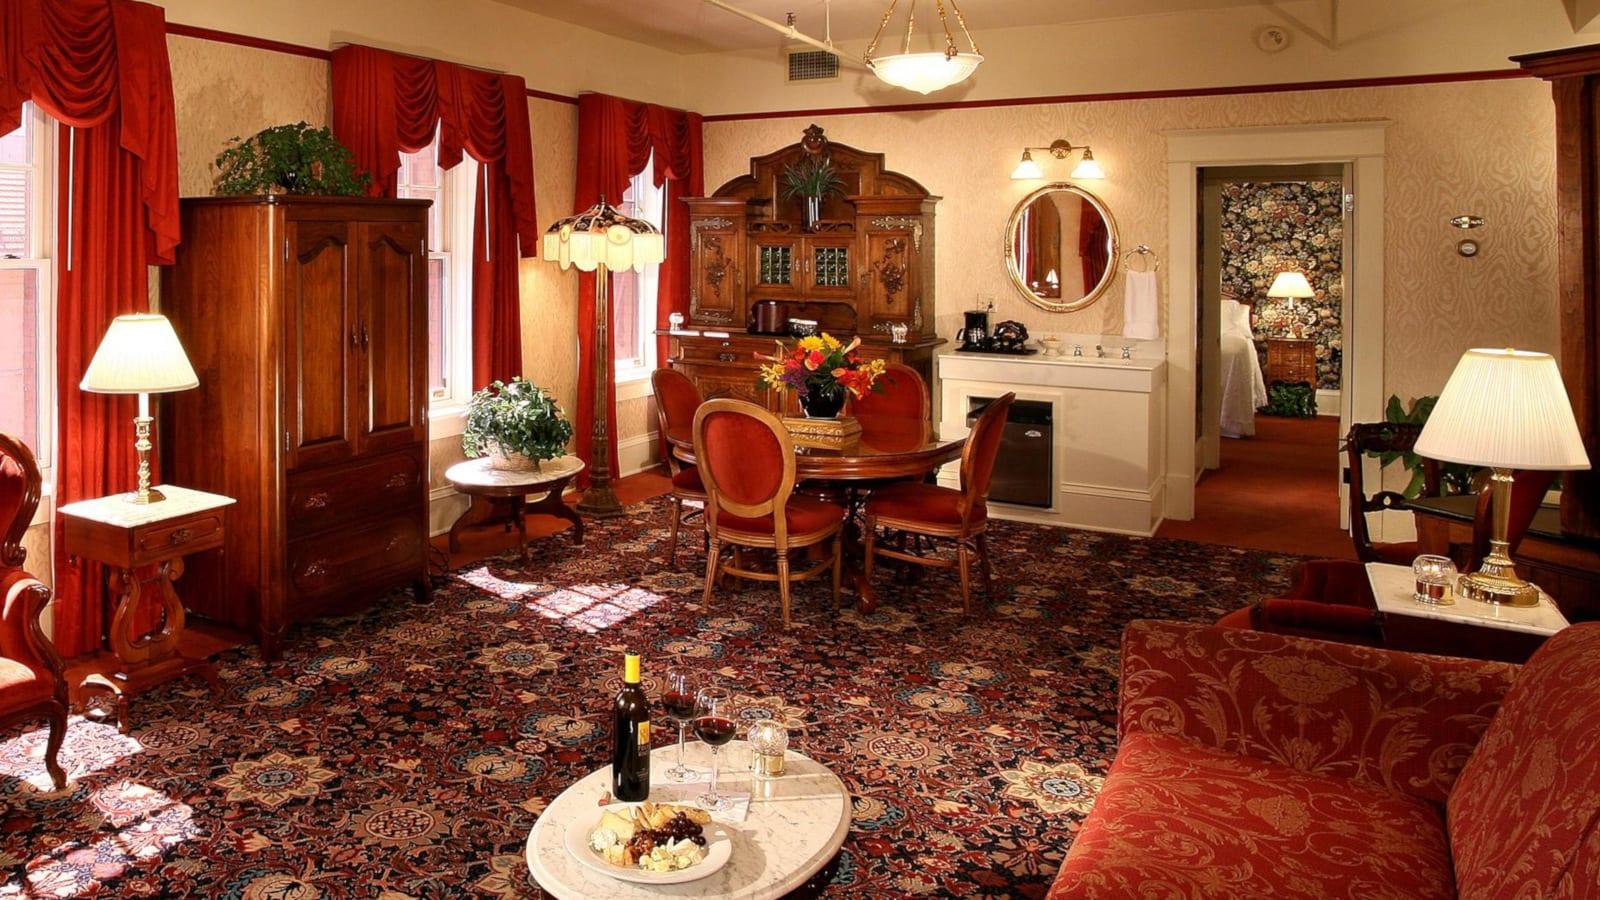 Boulder CO Best Hotel Boulderado Interior Room Suite